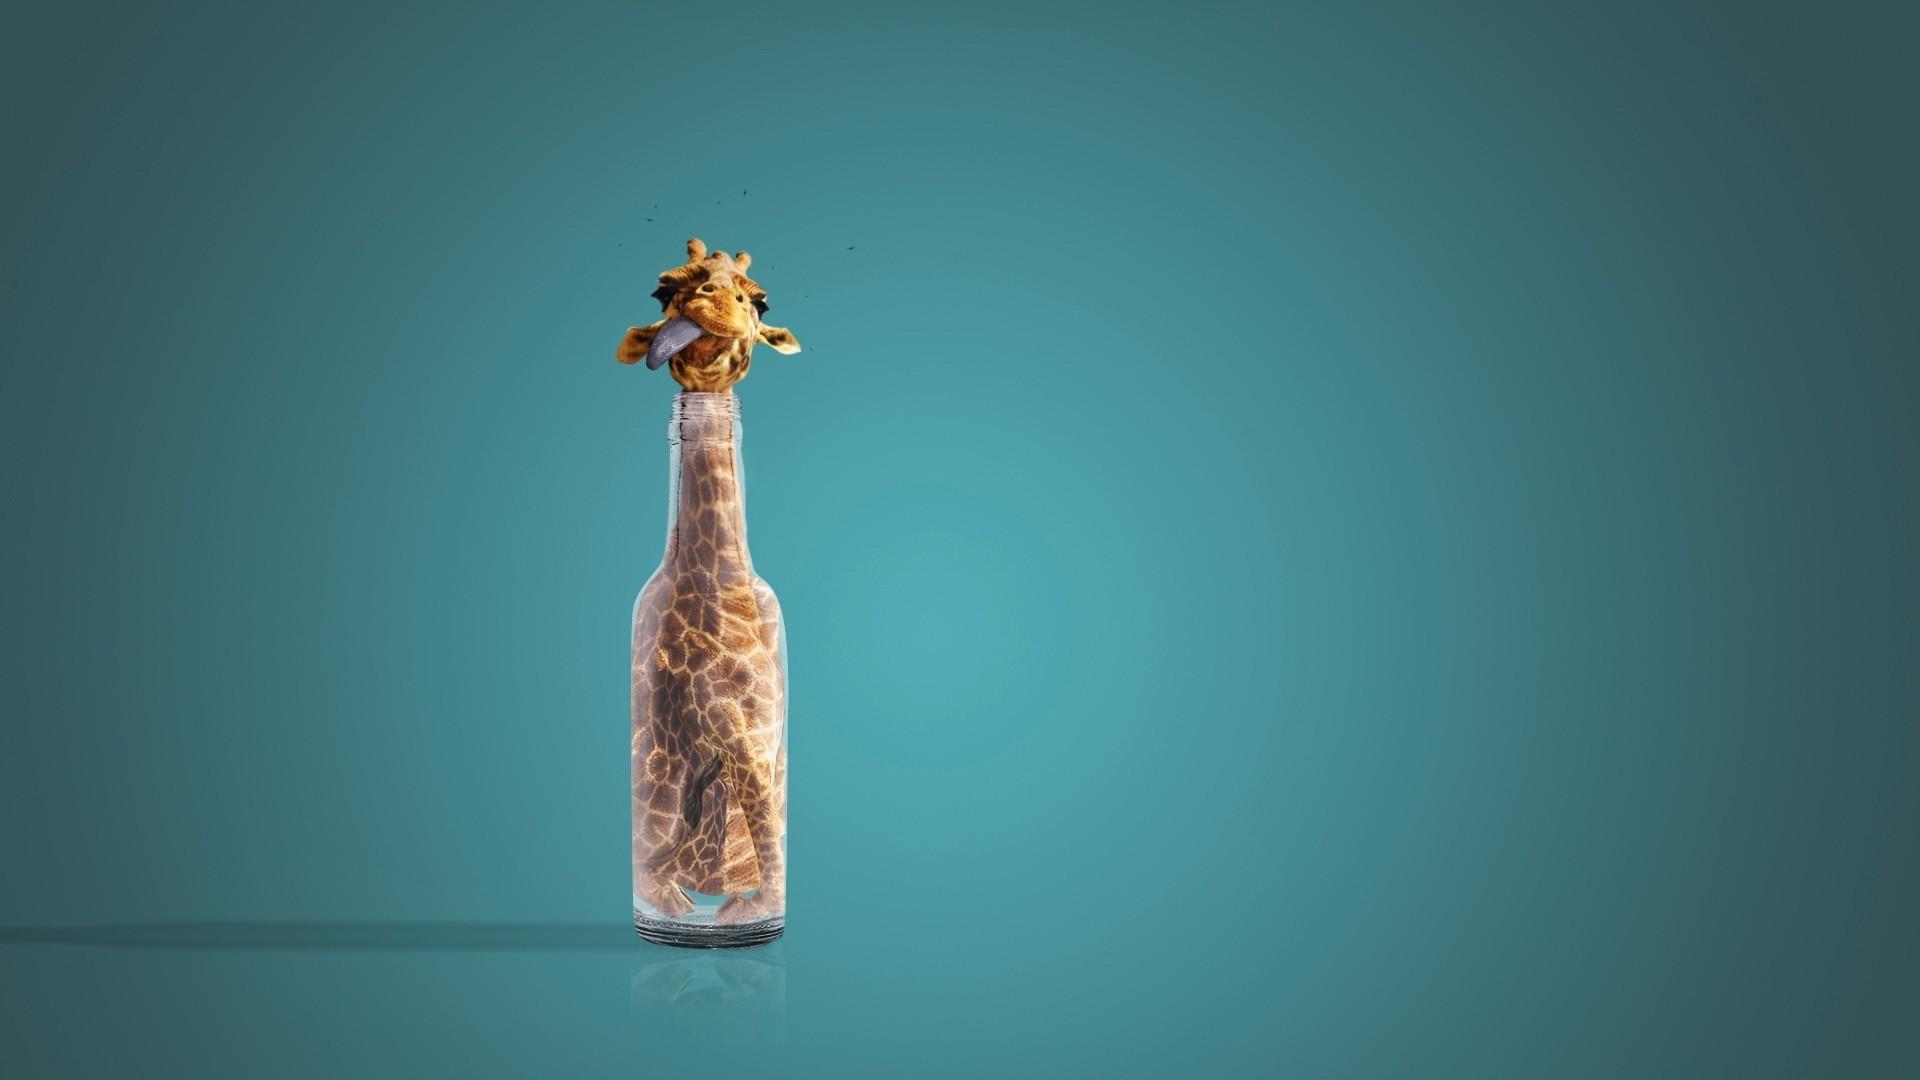 funny giraffe bottle wallpaper 68565